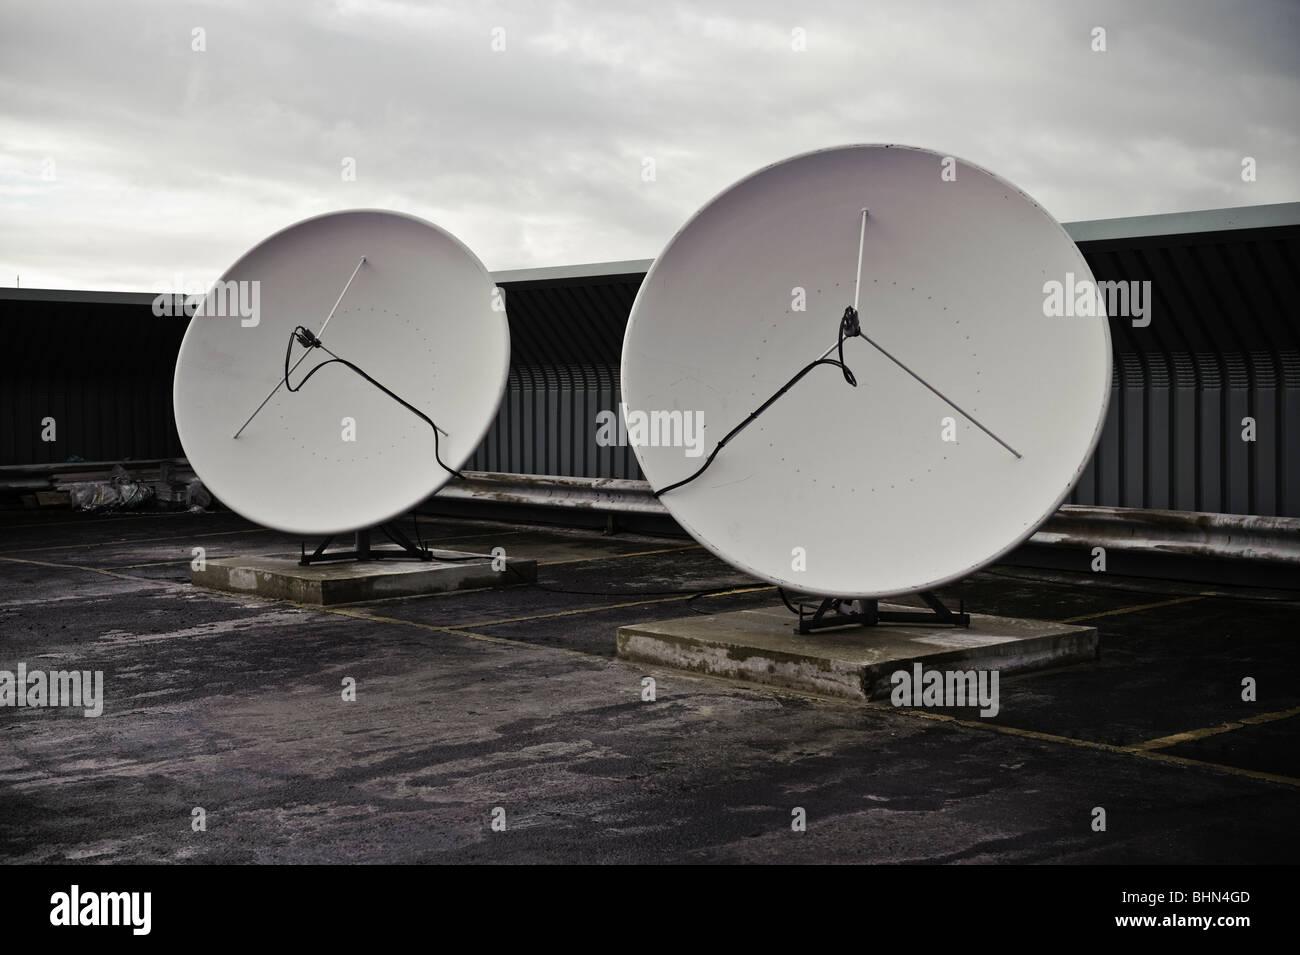 Forno a microonde antenna parabolica per la ricezione al di fuori di segnali televisivi di trasmissione in TV STUDIO, Immagini Stock